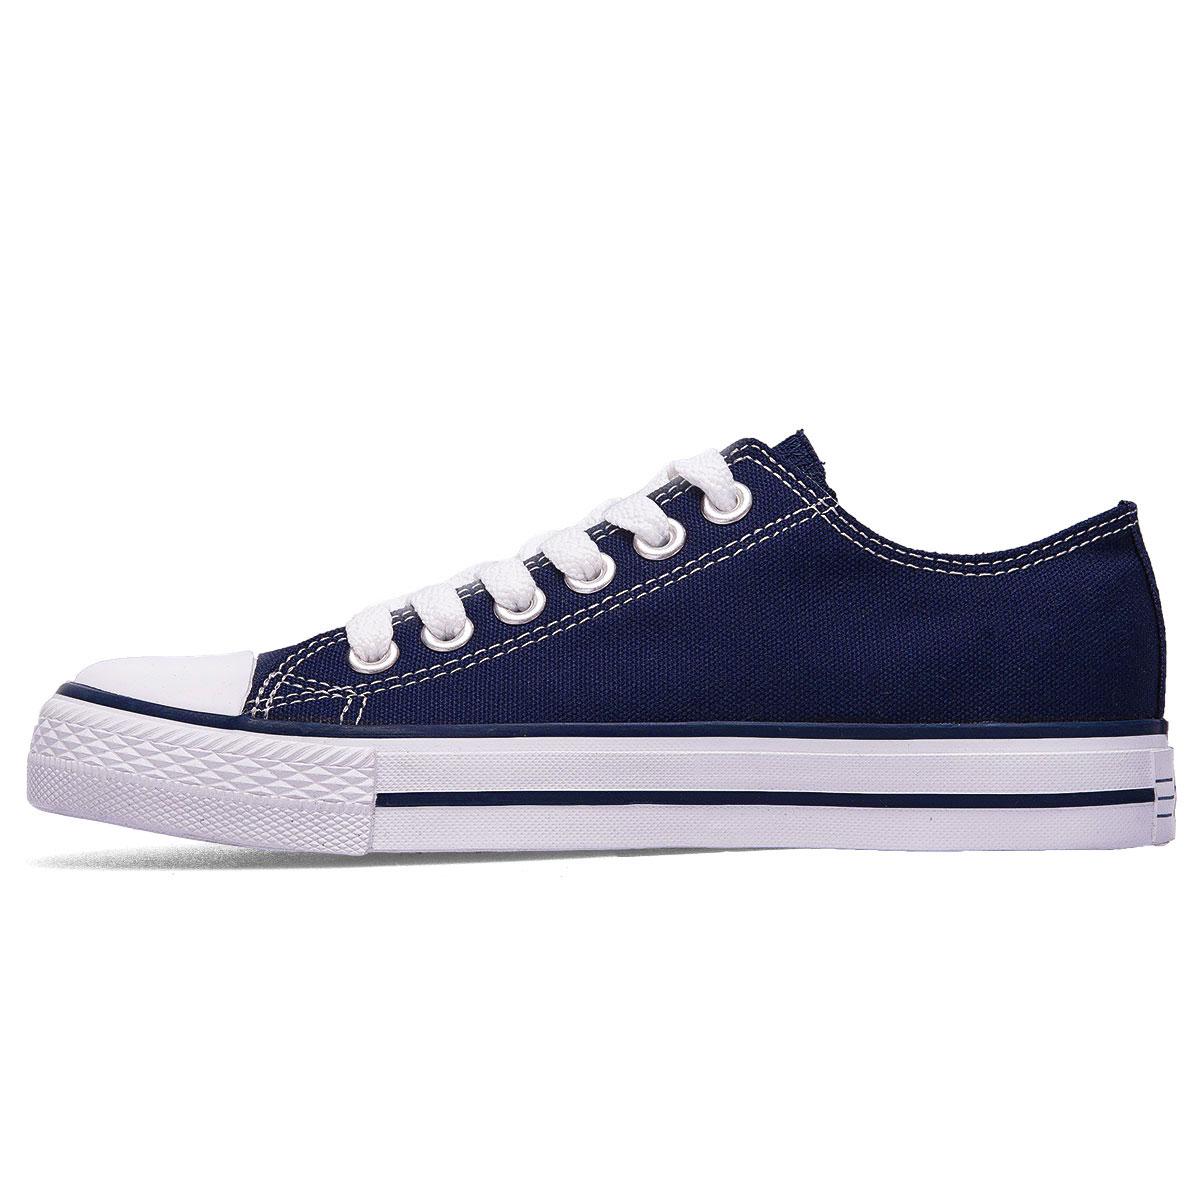 促销 双星运动鞋男断码帆布鞋跑步鞋女休闲鞋网面一脚蹬特价正品